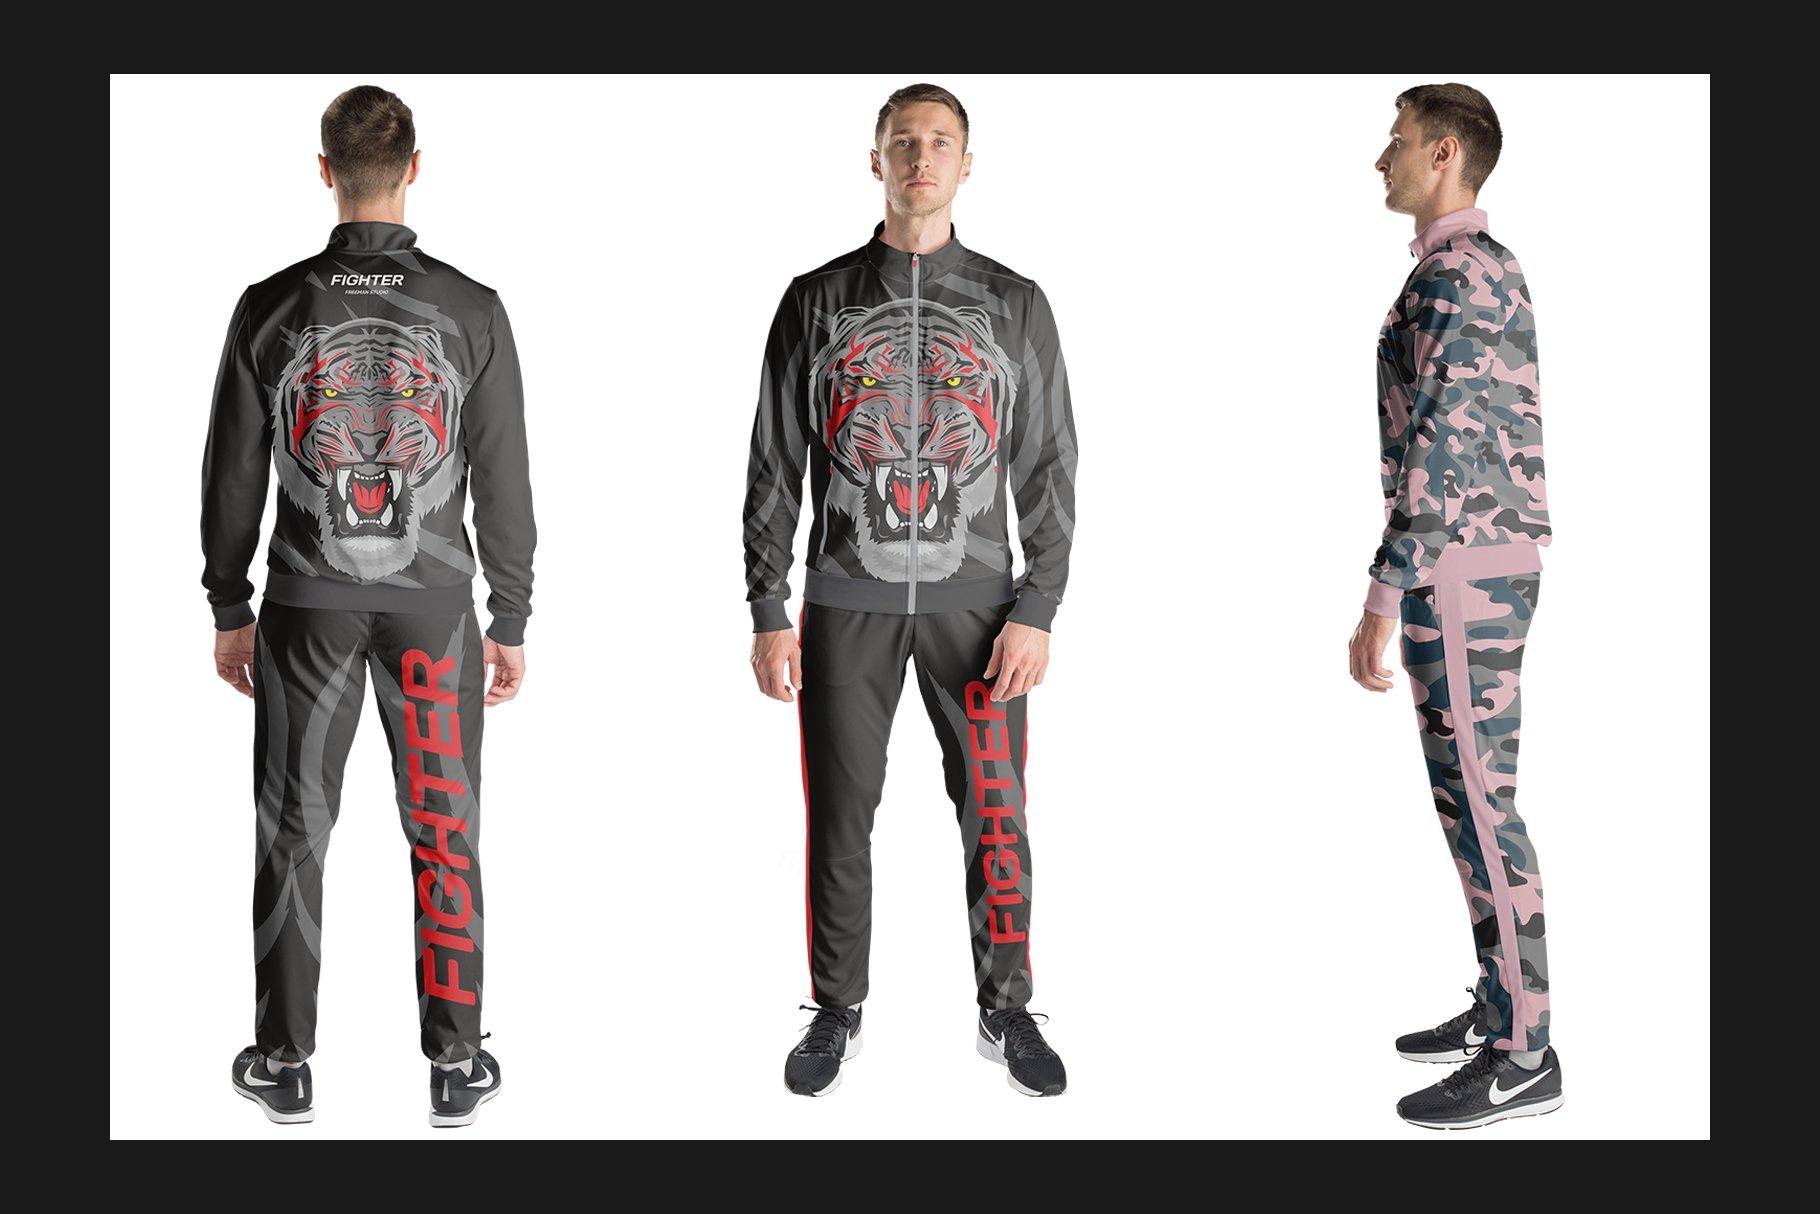 男士运动服饰设计展示样机模板 Sport Apparel Mockup Set插图(3)